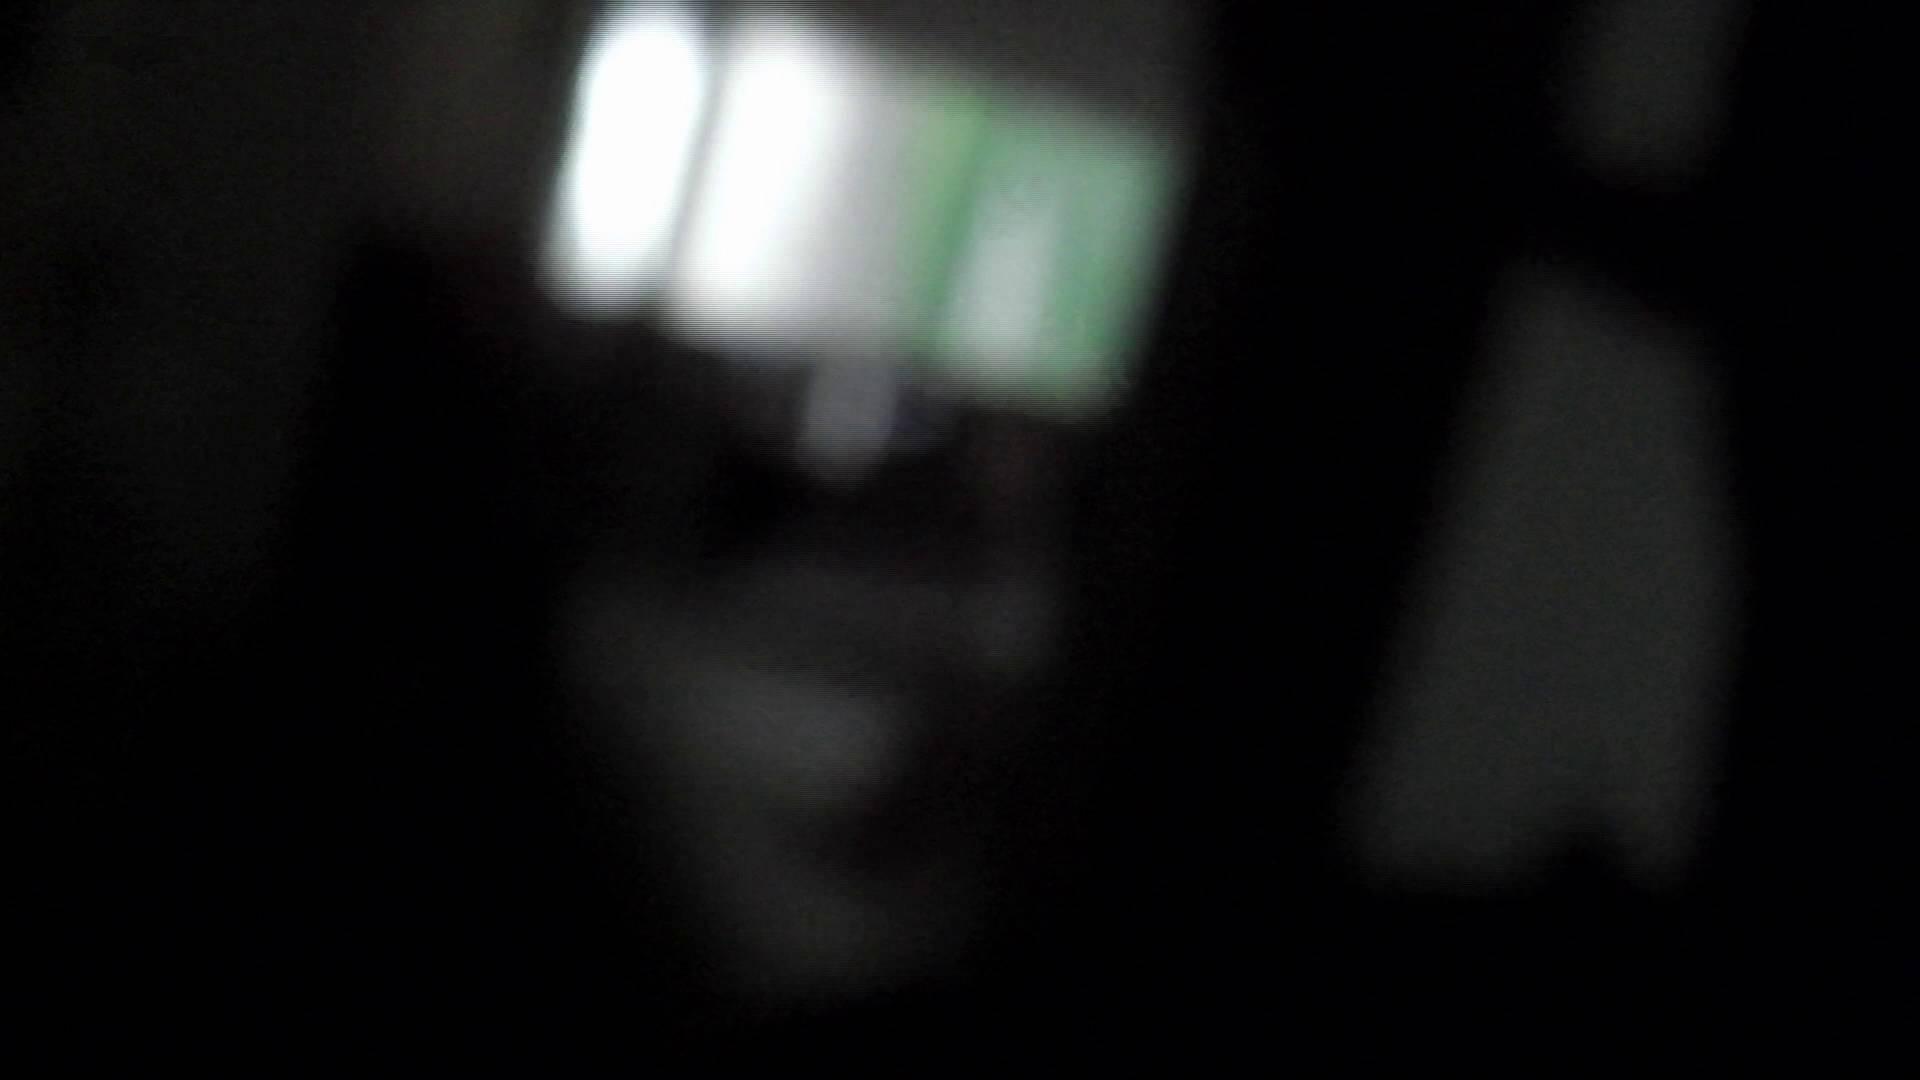 ヒトニアラヅNo.01 侵入 美肌 戯れ無修正画像 68画像 31